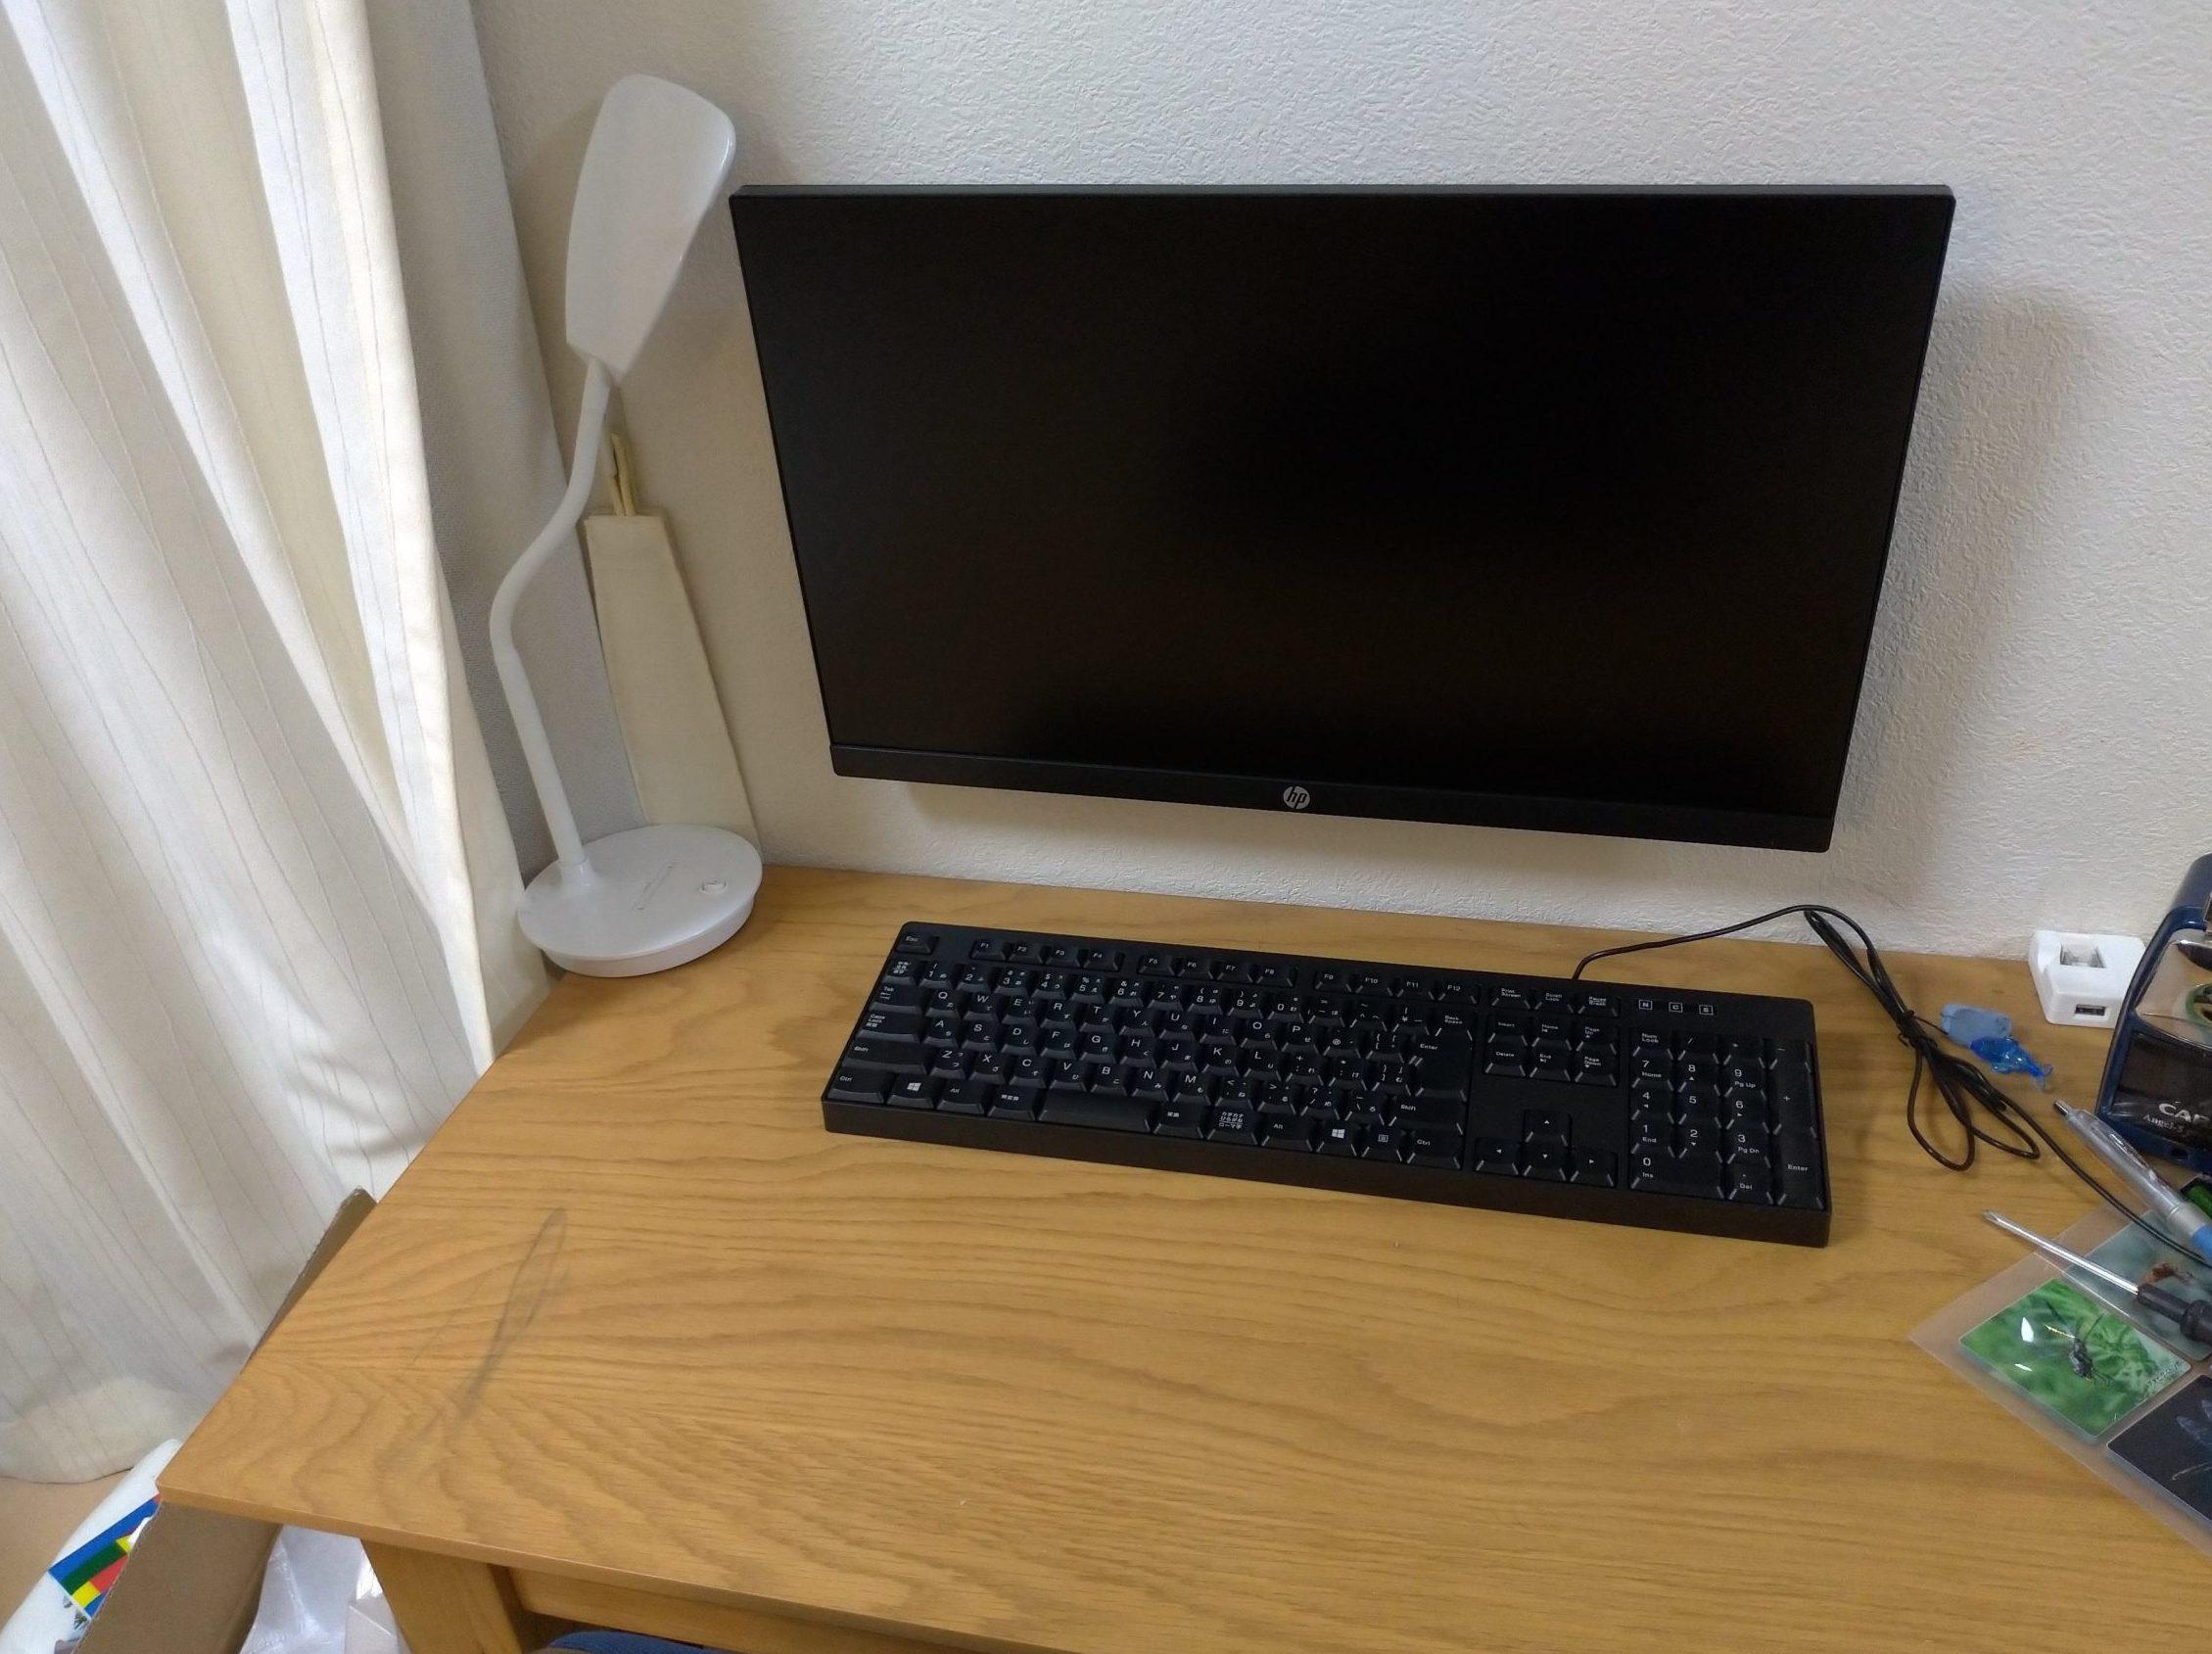 石膏ボードに穴を開けずにパソコンモニターを壁掛けに